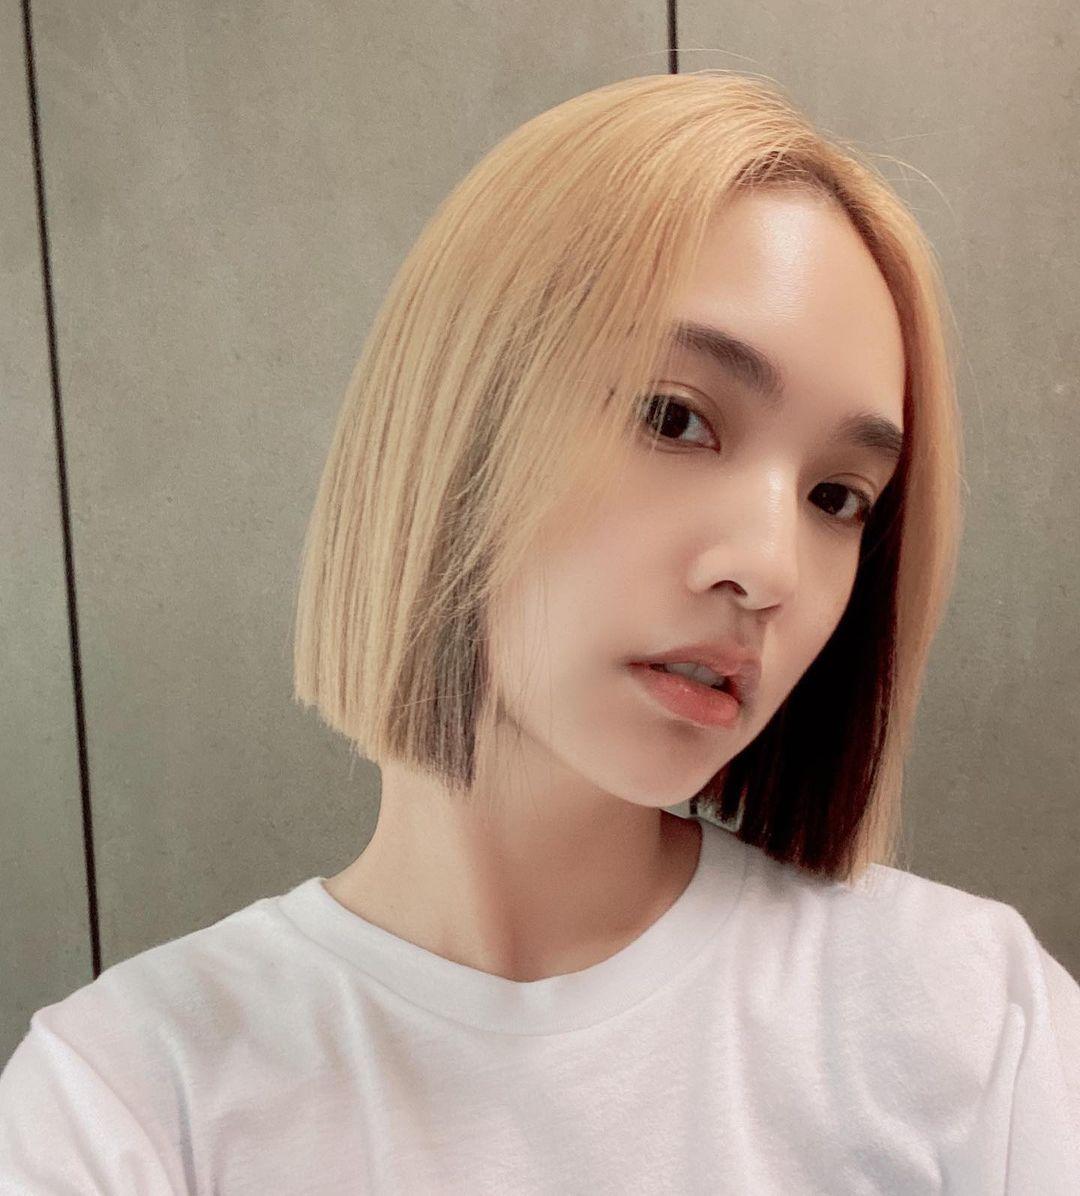 """Có tới 9 kiểu tóc ngắn giúp các chị em """"trẻ hóa"""" thành công và gương mặt thon gọn hơn hẳn - Ảnh 4."""